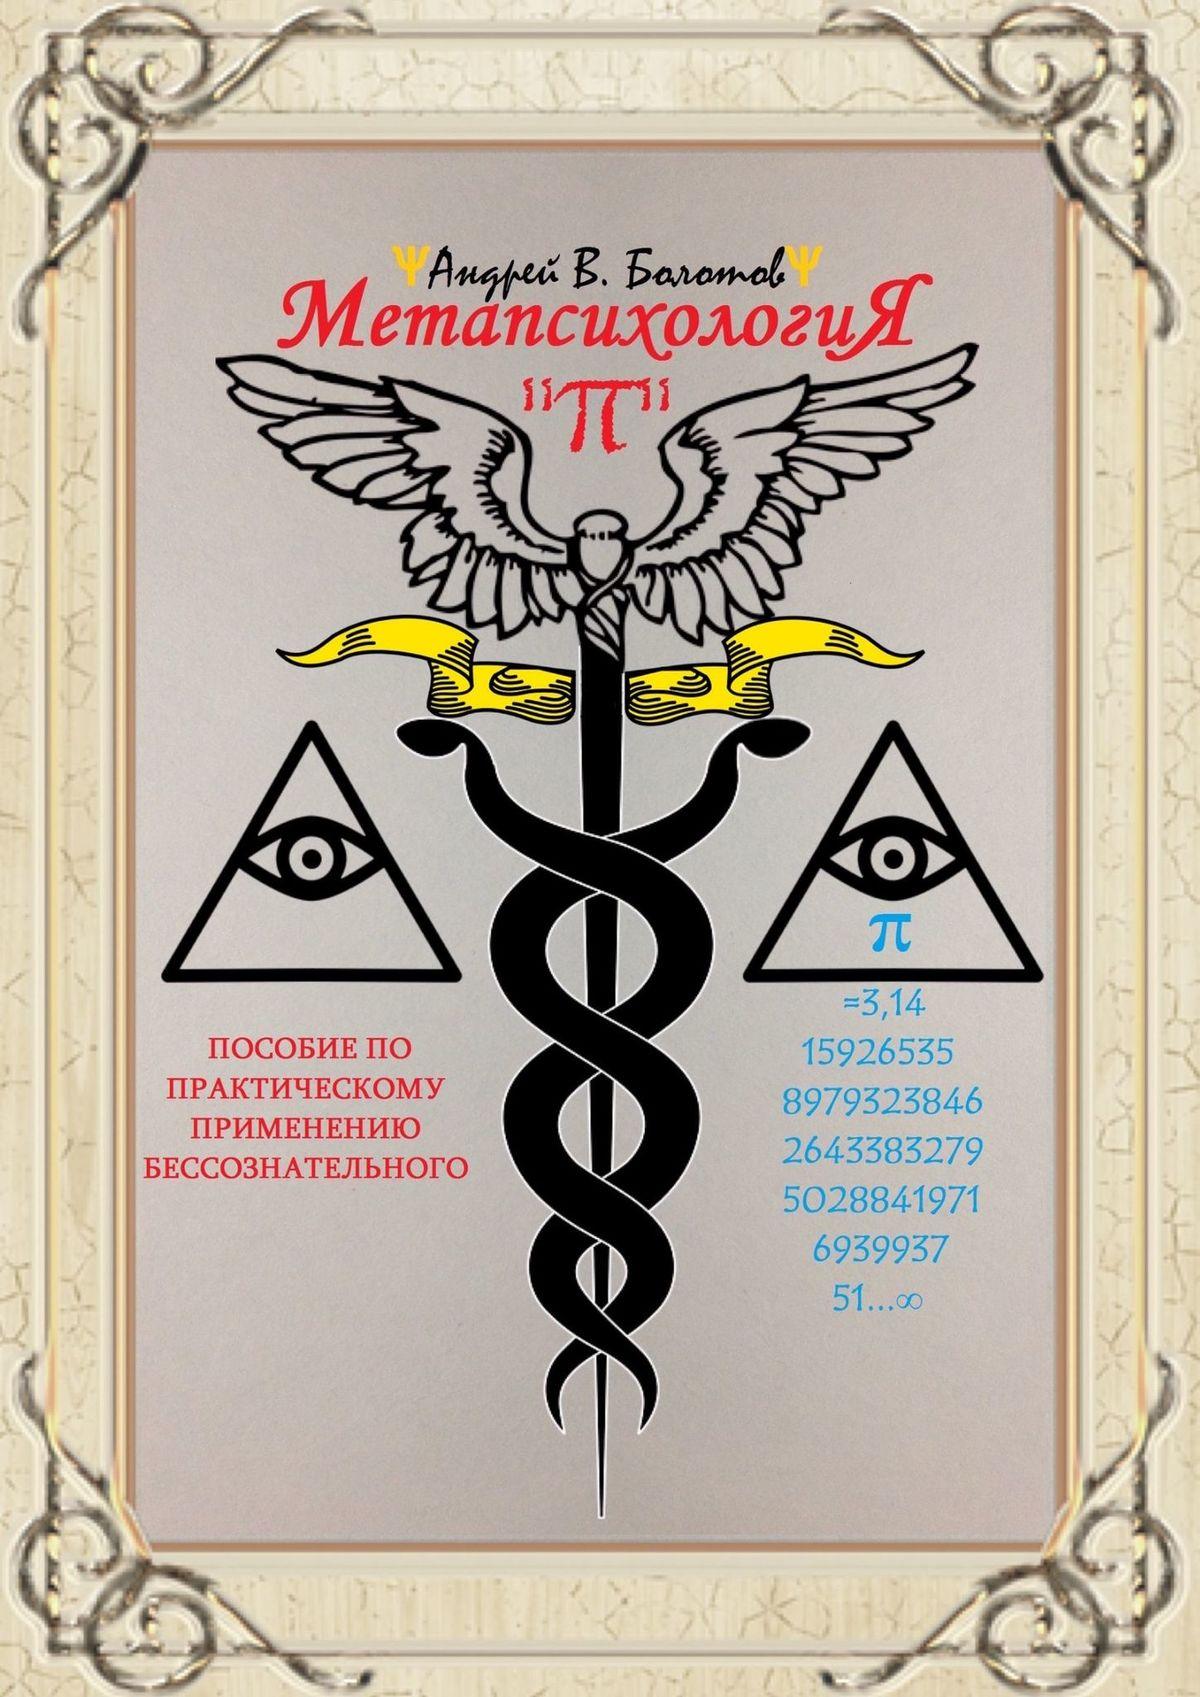 Андрей В. Болотов Метапсихология«π». Пособие по практическому применению бессознательного